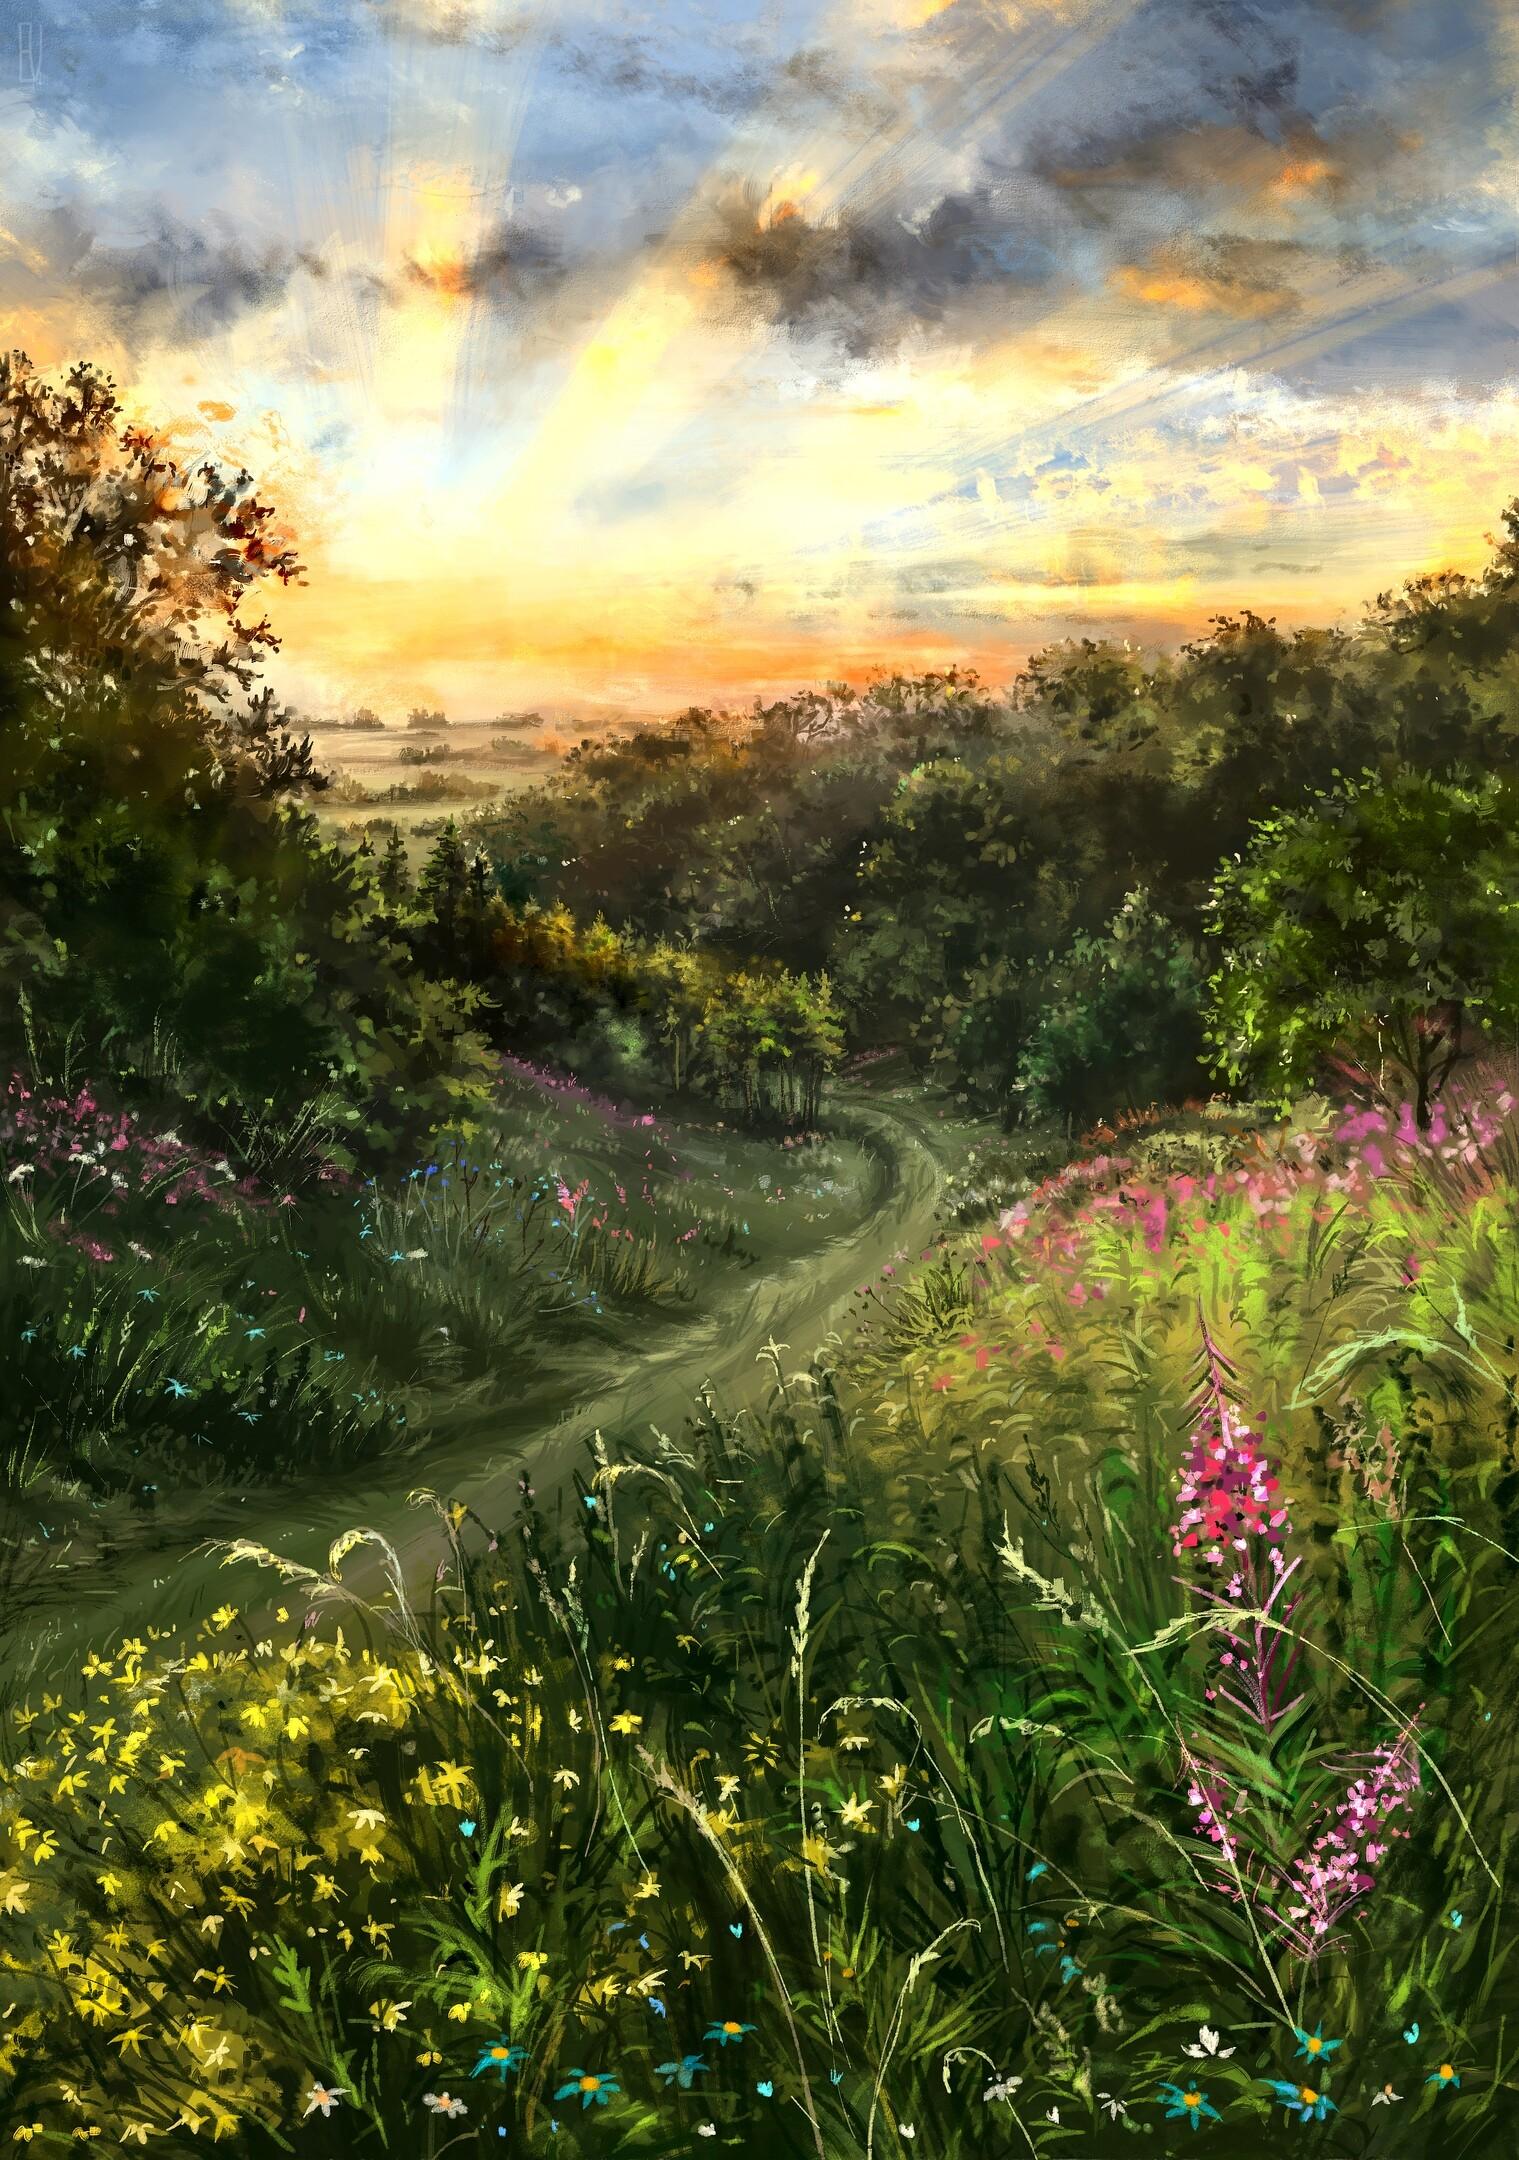 Фото Дорога к лесу через цветущие поля, автор Eugene Voznesensky